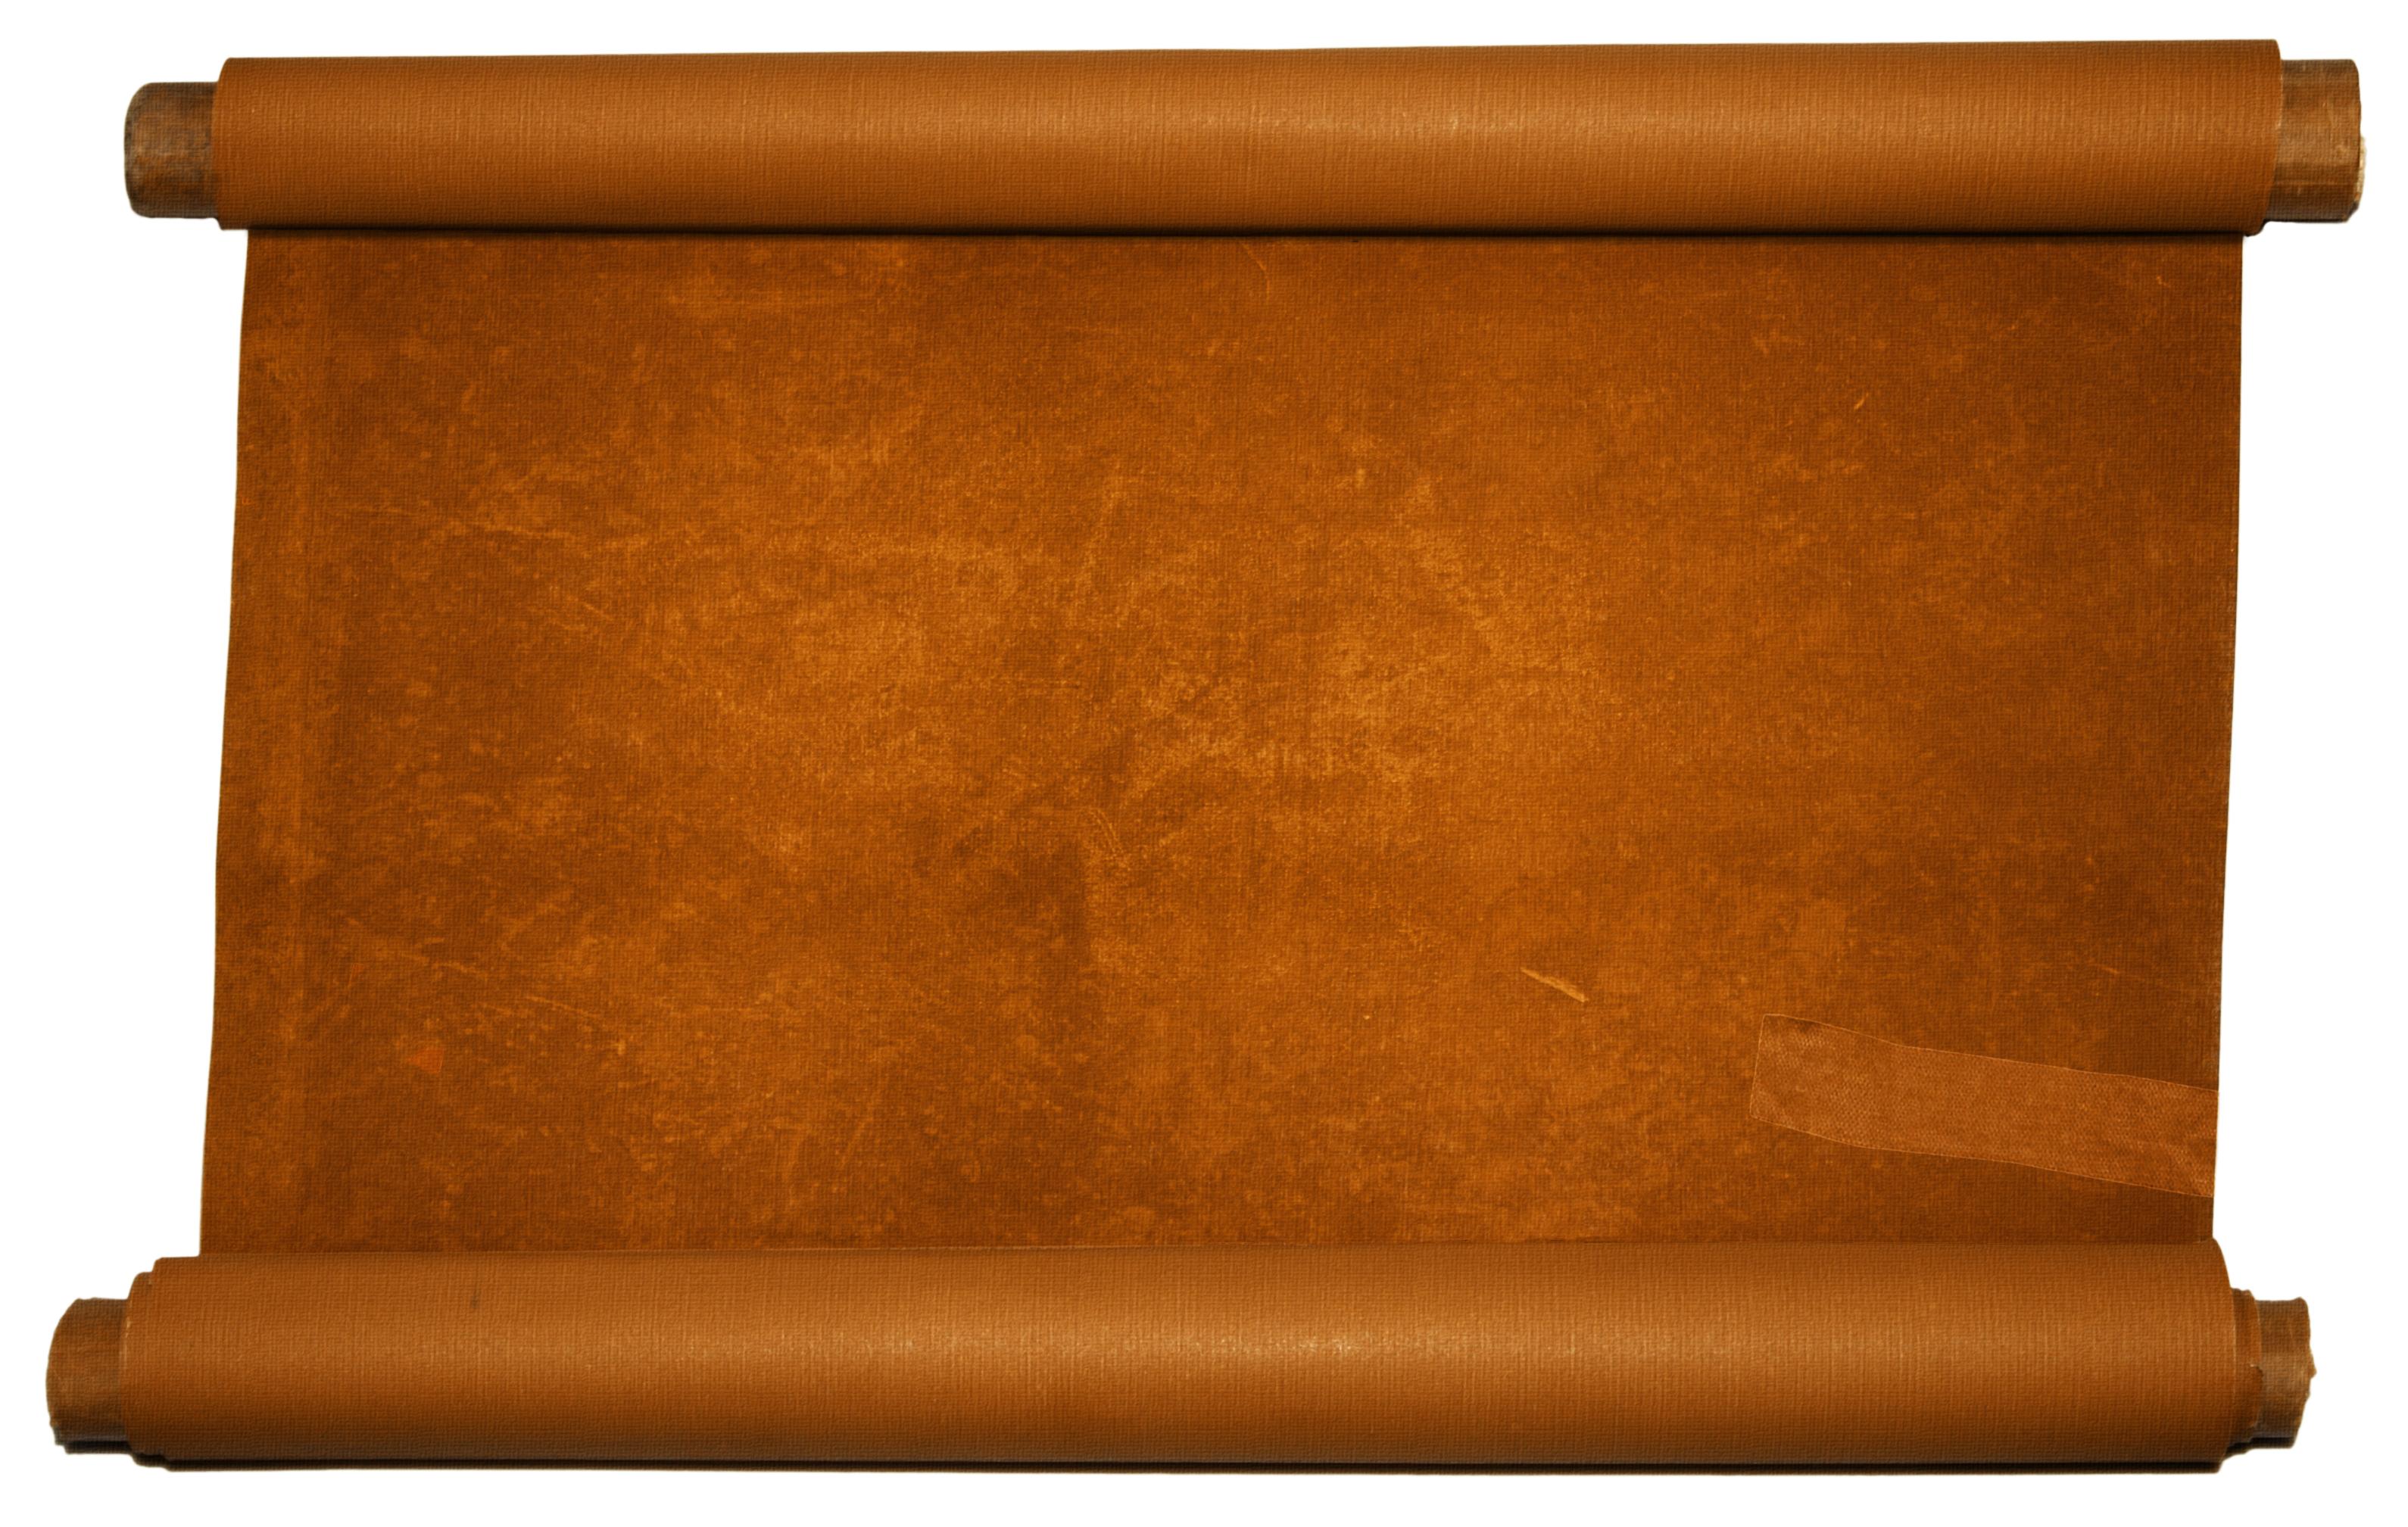 Parchment Paper Texture Parchment Dirty Paper Grunge